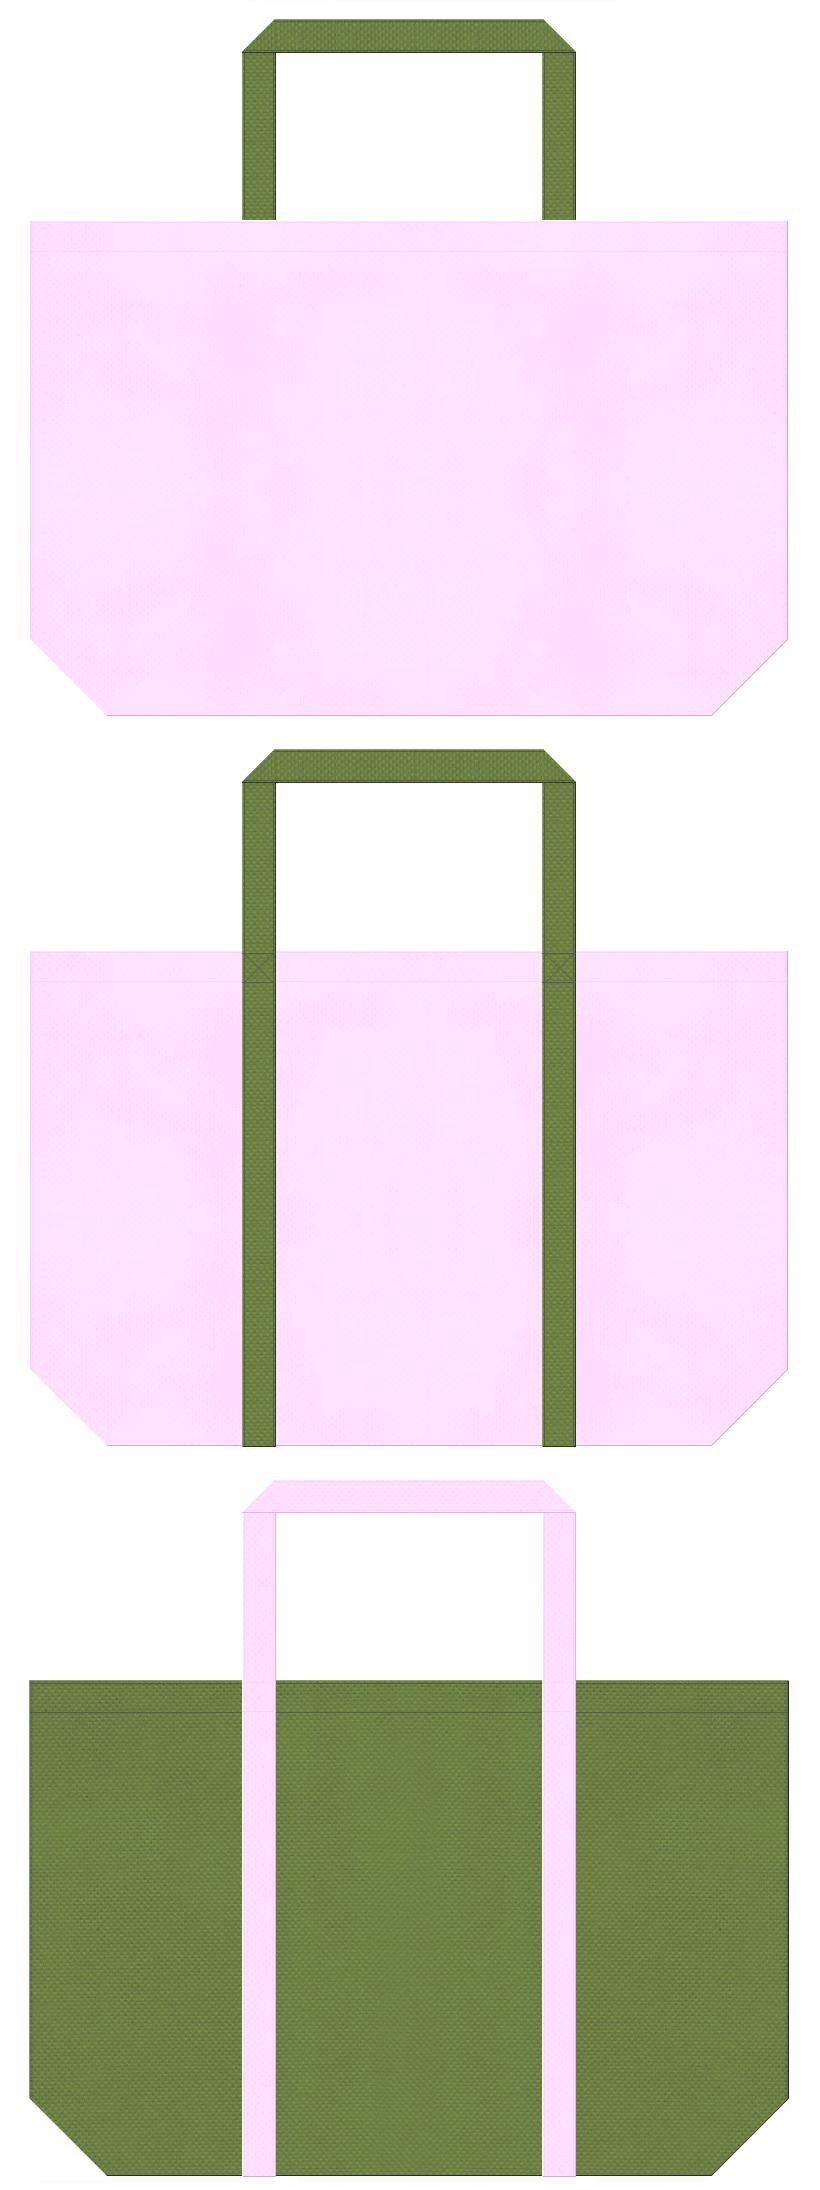 明るいピンク色と草色の不織布バッグデザイン。三色団子のイメージで、和雑貨のショッピングバッグにお奨めです。